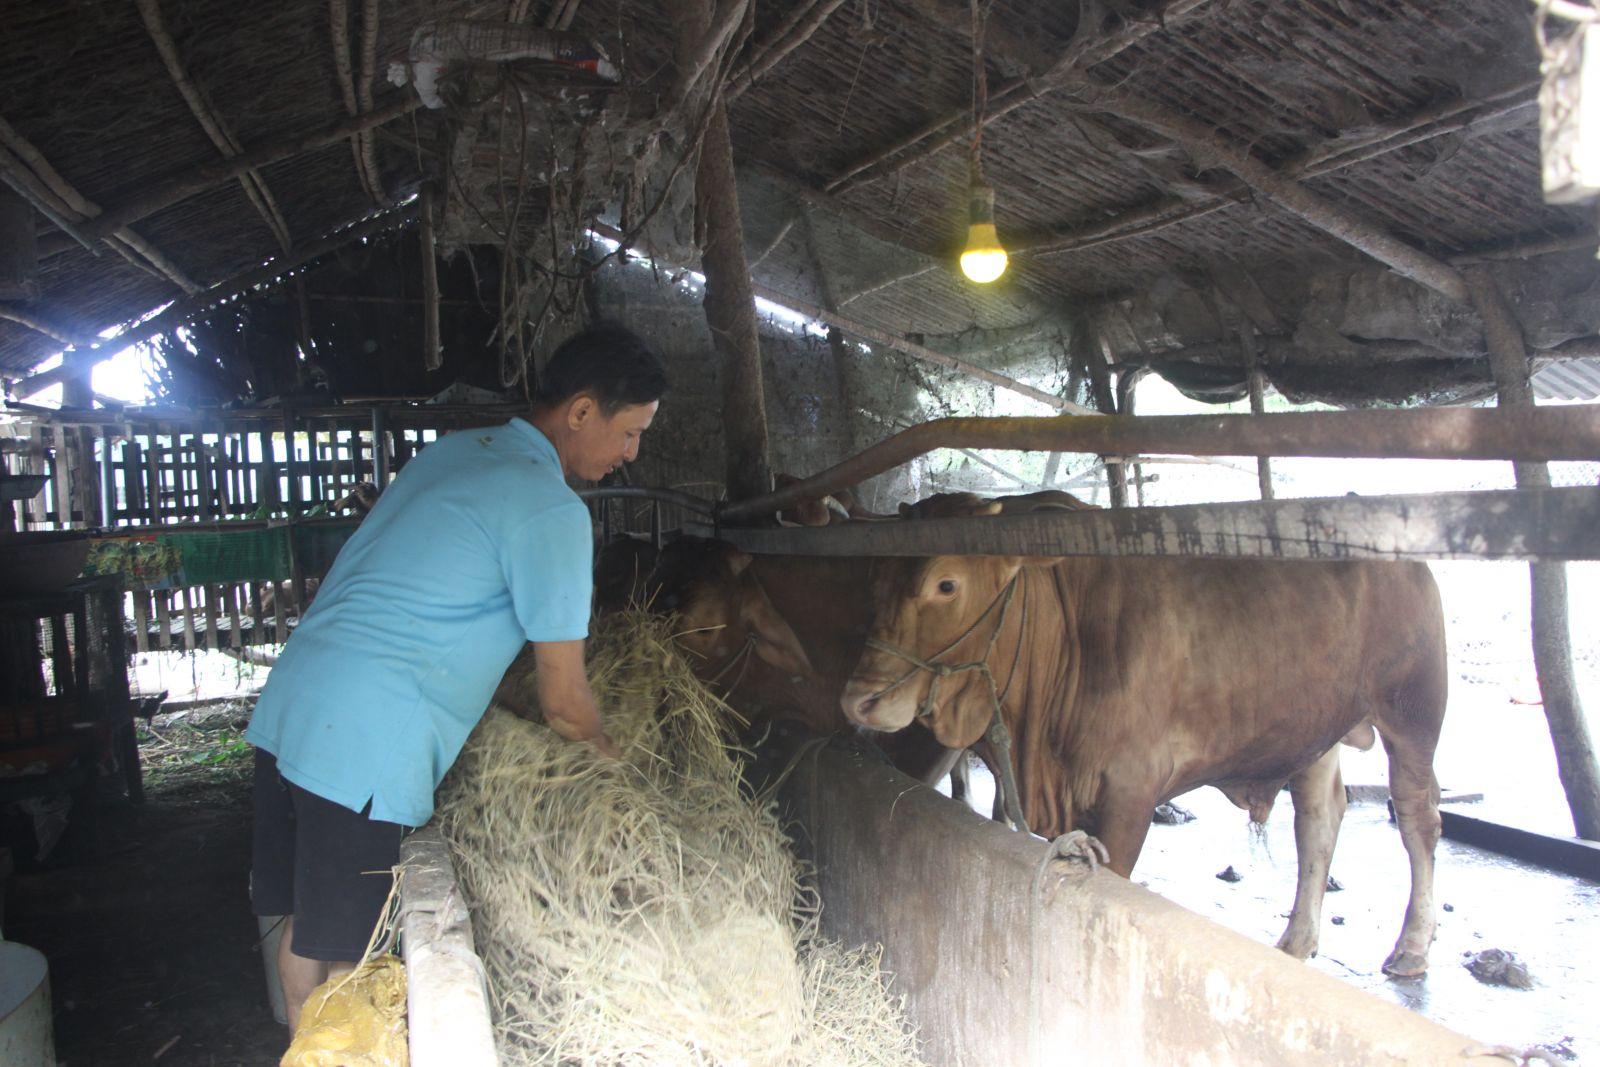 Được hỗ trợ tiếp cận nguồn vốn vay của Ngân hàng Chính sách xã hội, vợ chồng anh Nguyễn Hoàng Sơn mua bò về nuôi